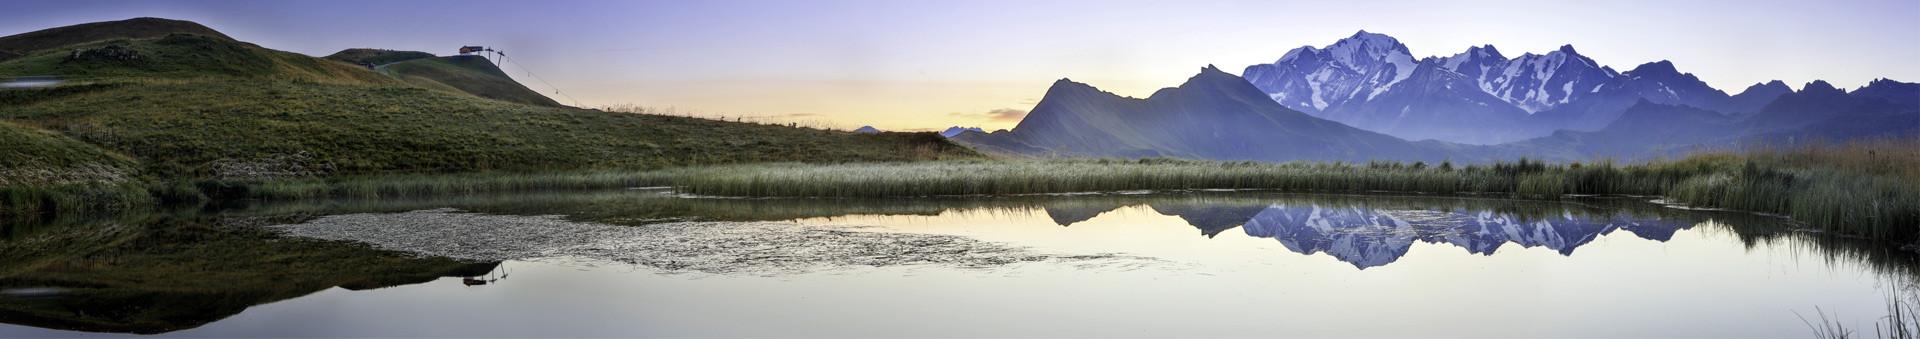 pechette-lac-mont-blanc-2548-2608